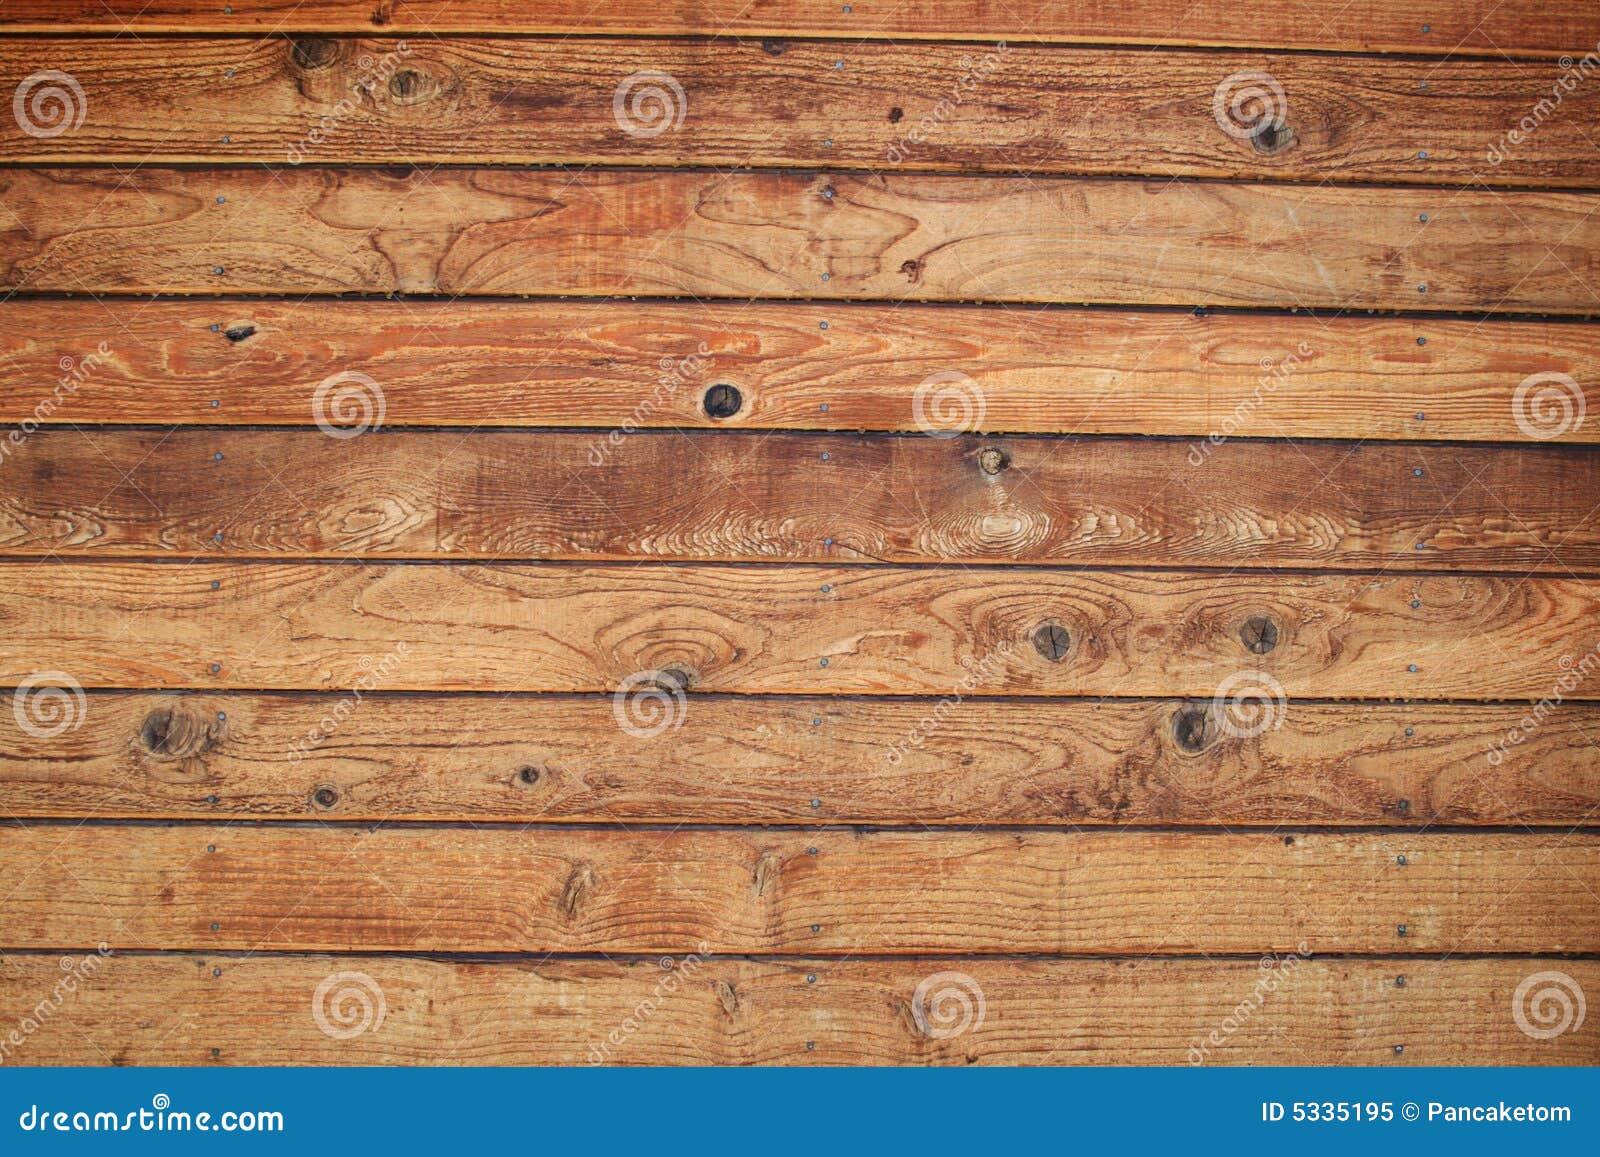 costruire parete di legno : Parete di legno della scheda con le plance di legno knotty.